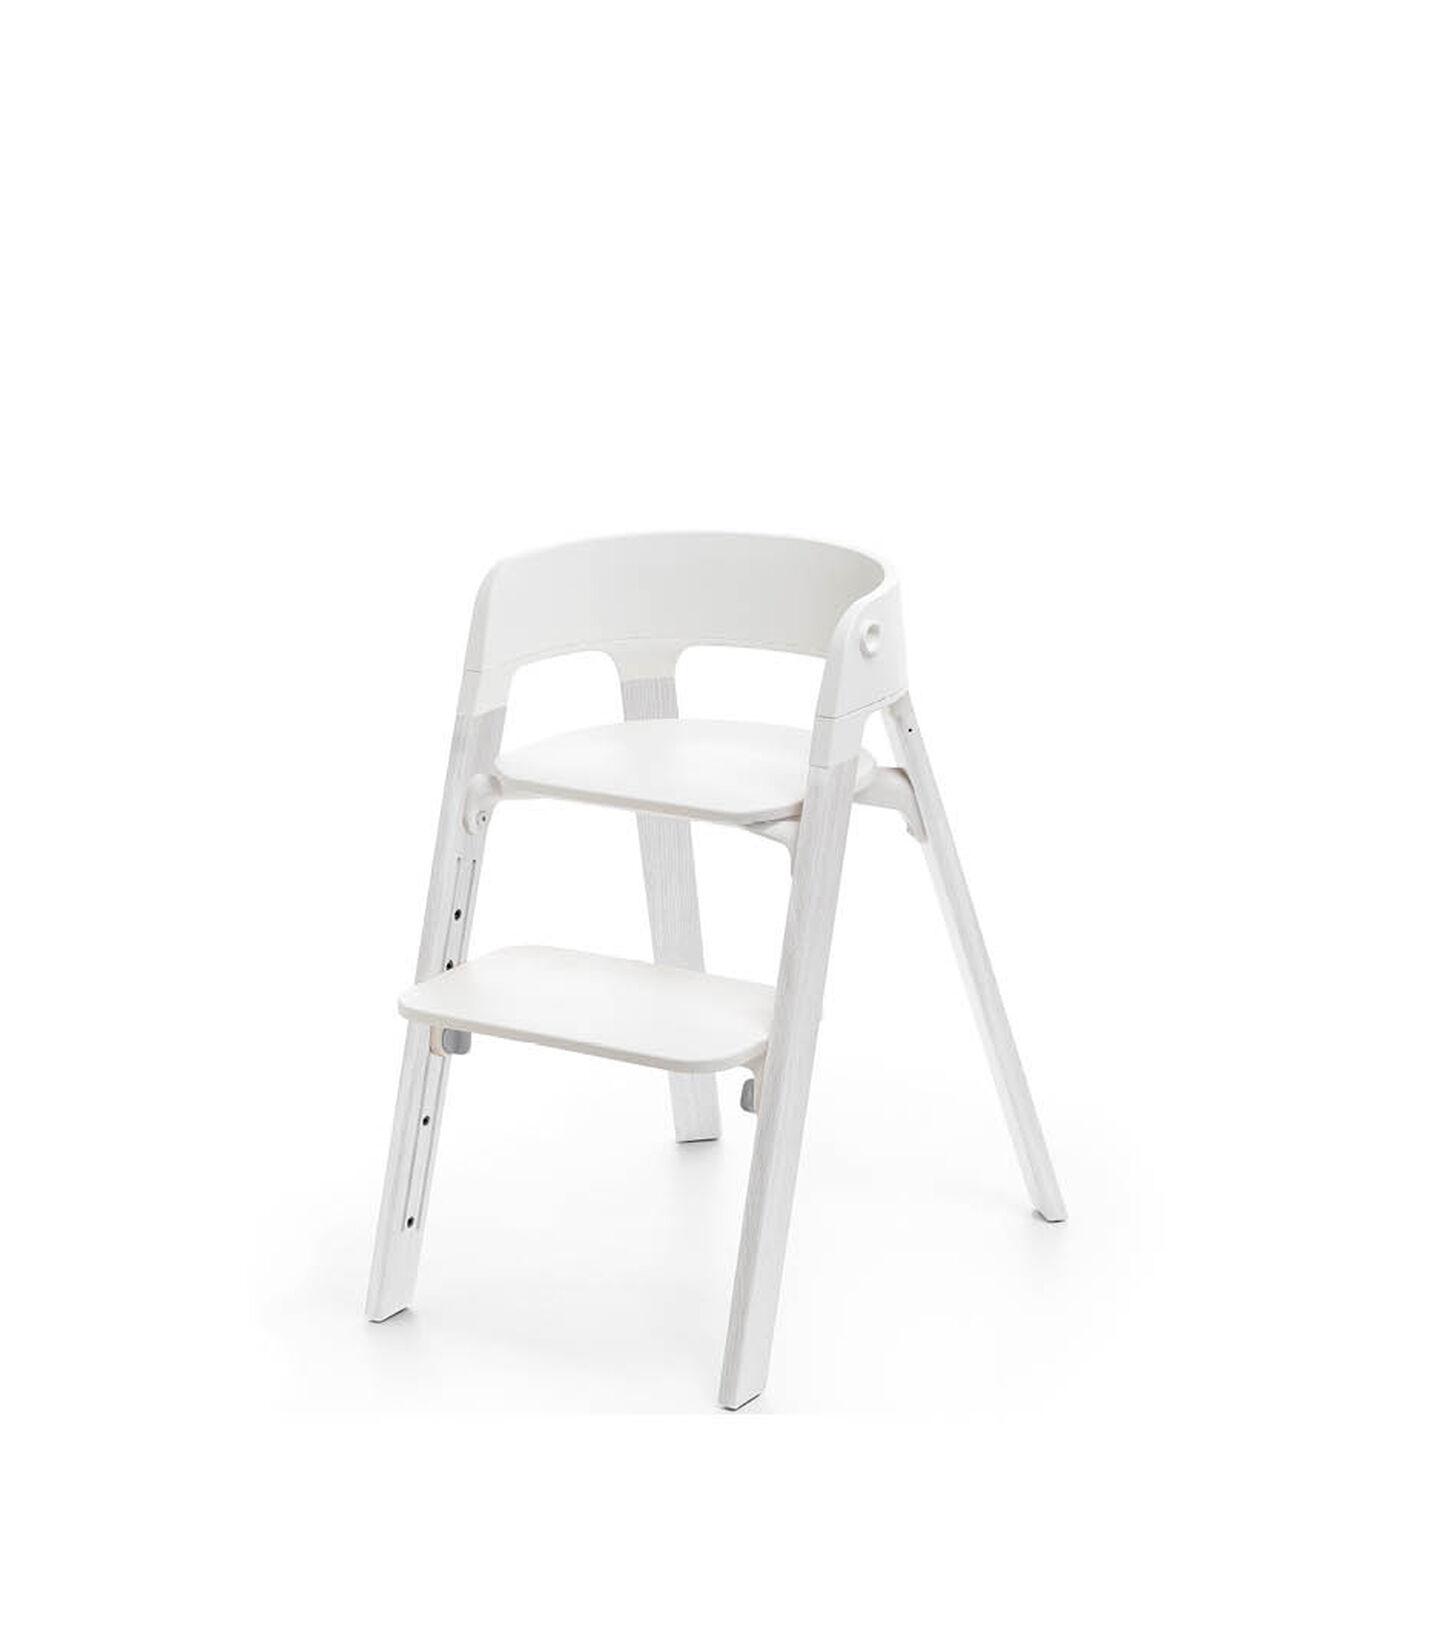 Stokke® Steps™ Chair White Seat Oak White Legs, Oak White, mainview view 1